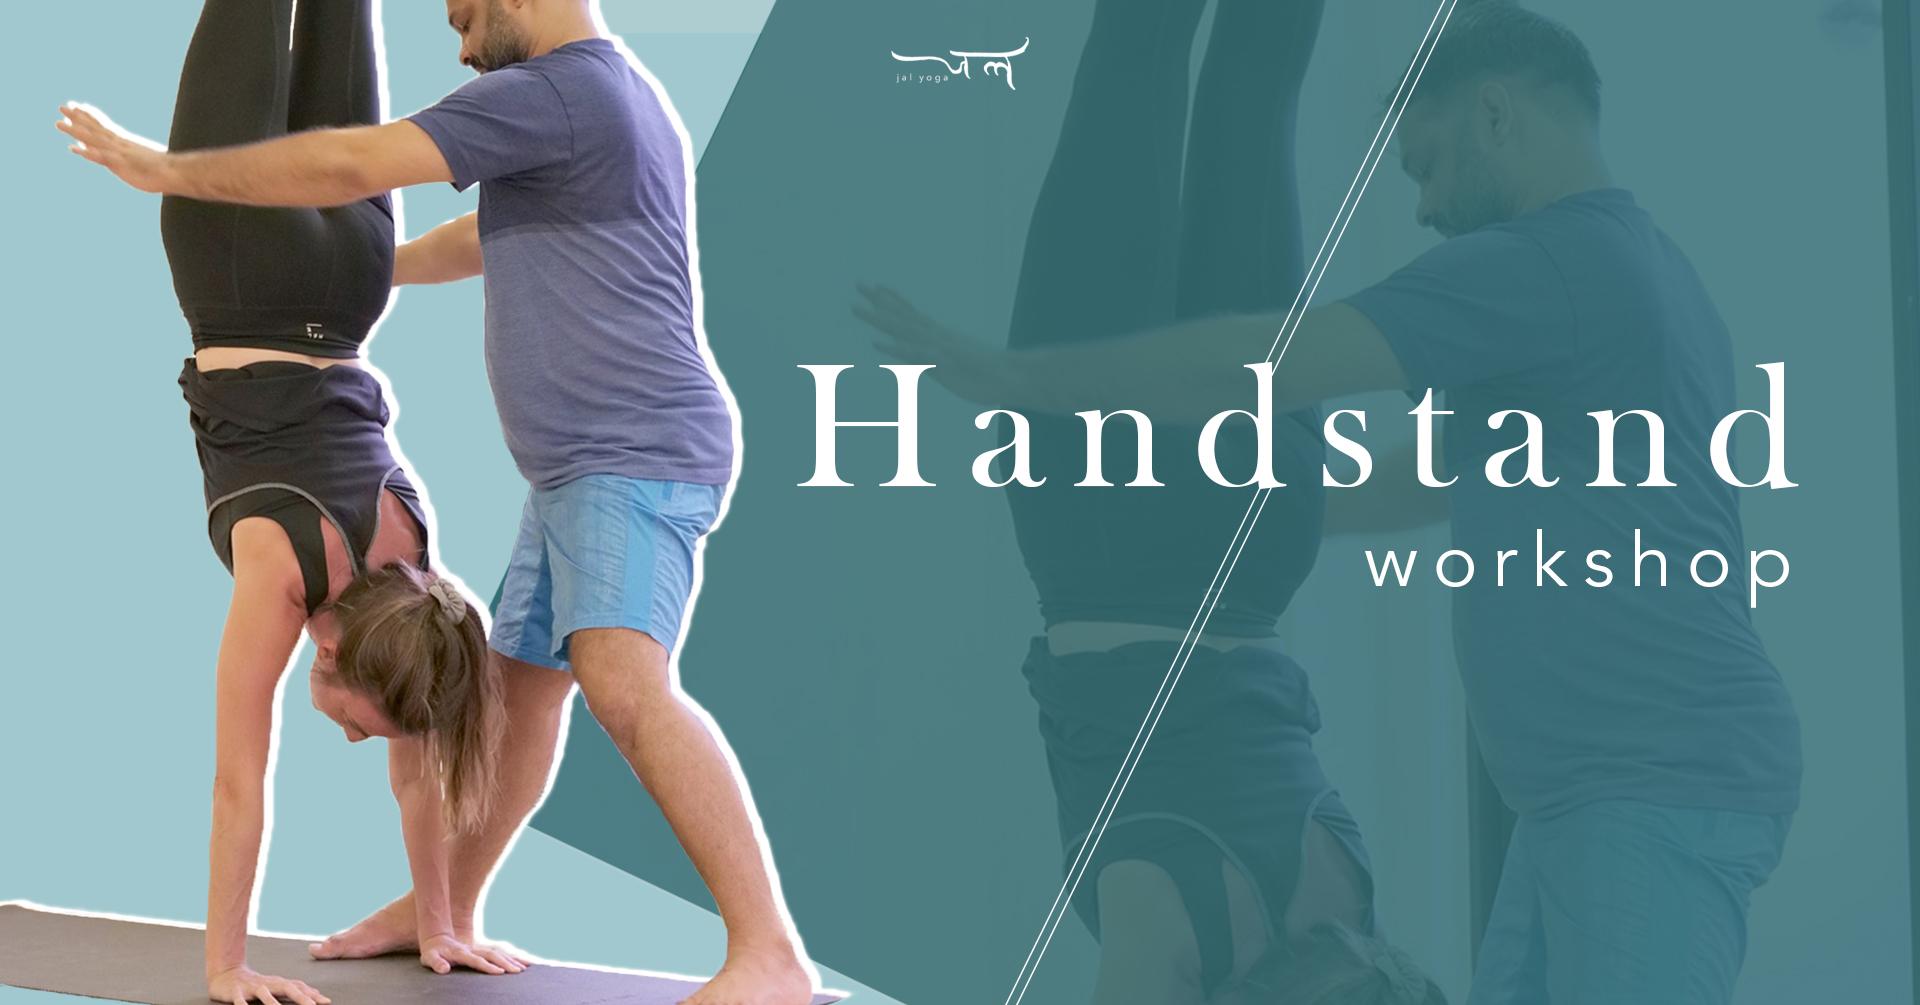 Handstand Workshop | Jal Yoga